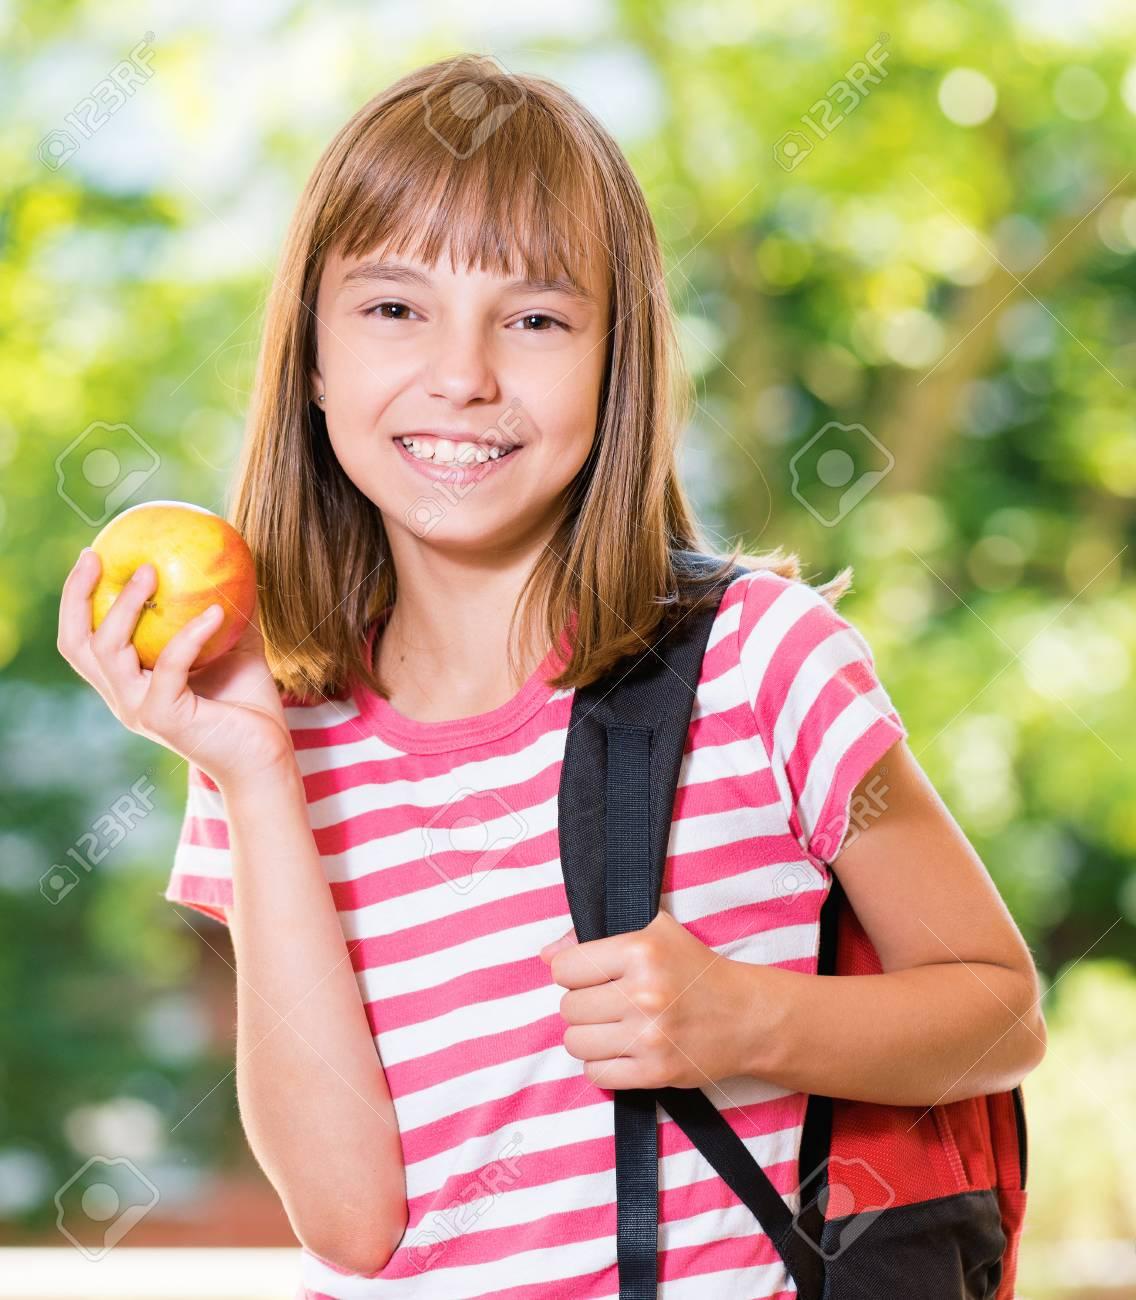 Foto de archivo - Retrato al aire libre de la muchacha feliz 10-11 años de  edad con manzana y mochila. Volver al concepto de escuela.